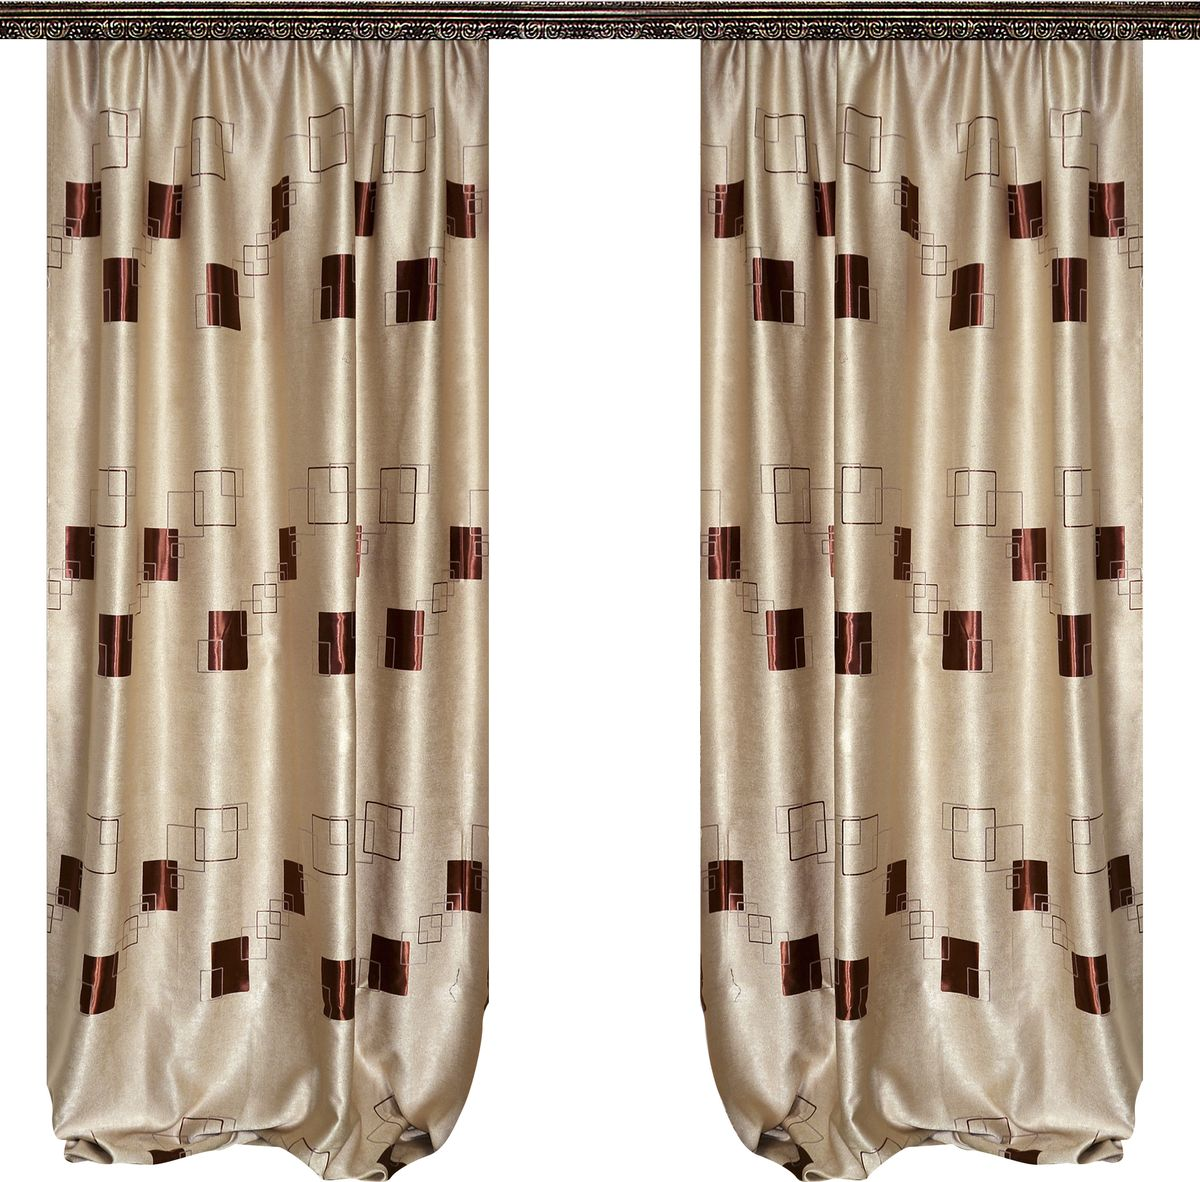 Комплект штор Zlata Korunka, на ленте, цвет: бежевый, высота 270 см. 777050777050Роскошный комплект штор Zlata Korunka комплект состоит из двух штор, выполненных из 100% полиэстера, которые великолепно украсит любое окно.Плотная ткань, оригинальный орнамент и приятная, приглушенная гамма привлекут к себе внимание и органично впишутся в интерьер помещения. Комплект крепится на карниз при помощи шторной ленты, которая поможет красиво и равномерно задрапировать верх.Этот комплект будет долгое время радовать вас и вашу семью! В комплект входит: Штора: 2 шт. Размер (ШхВ): 160 см х 270 см.